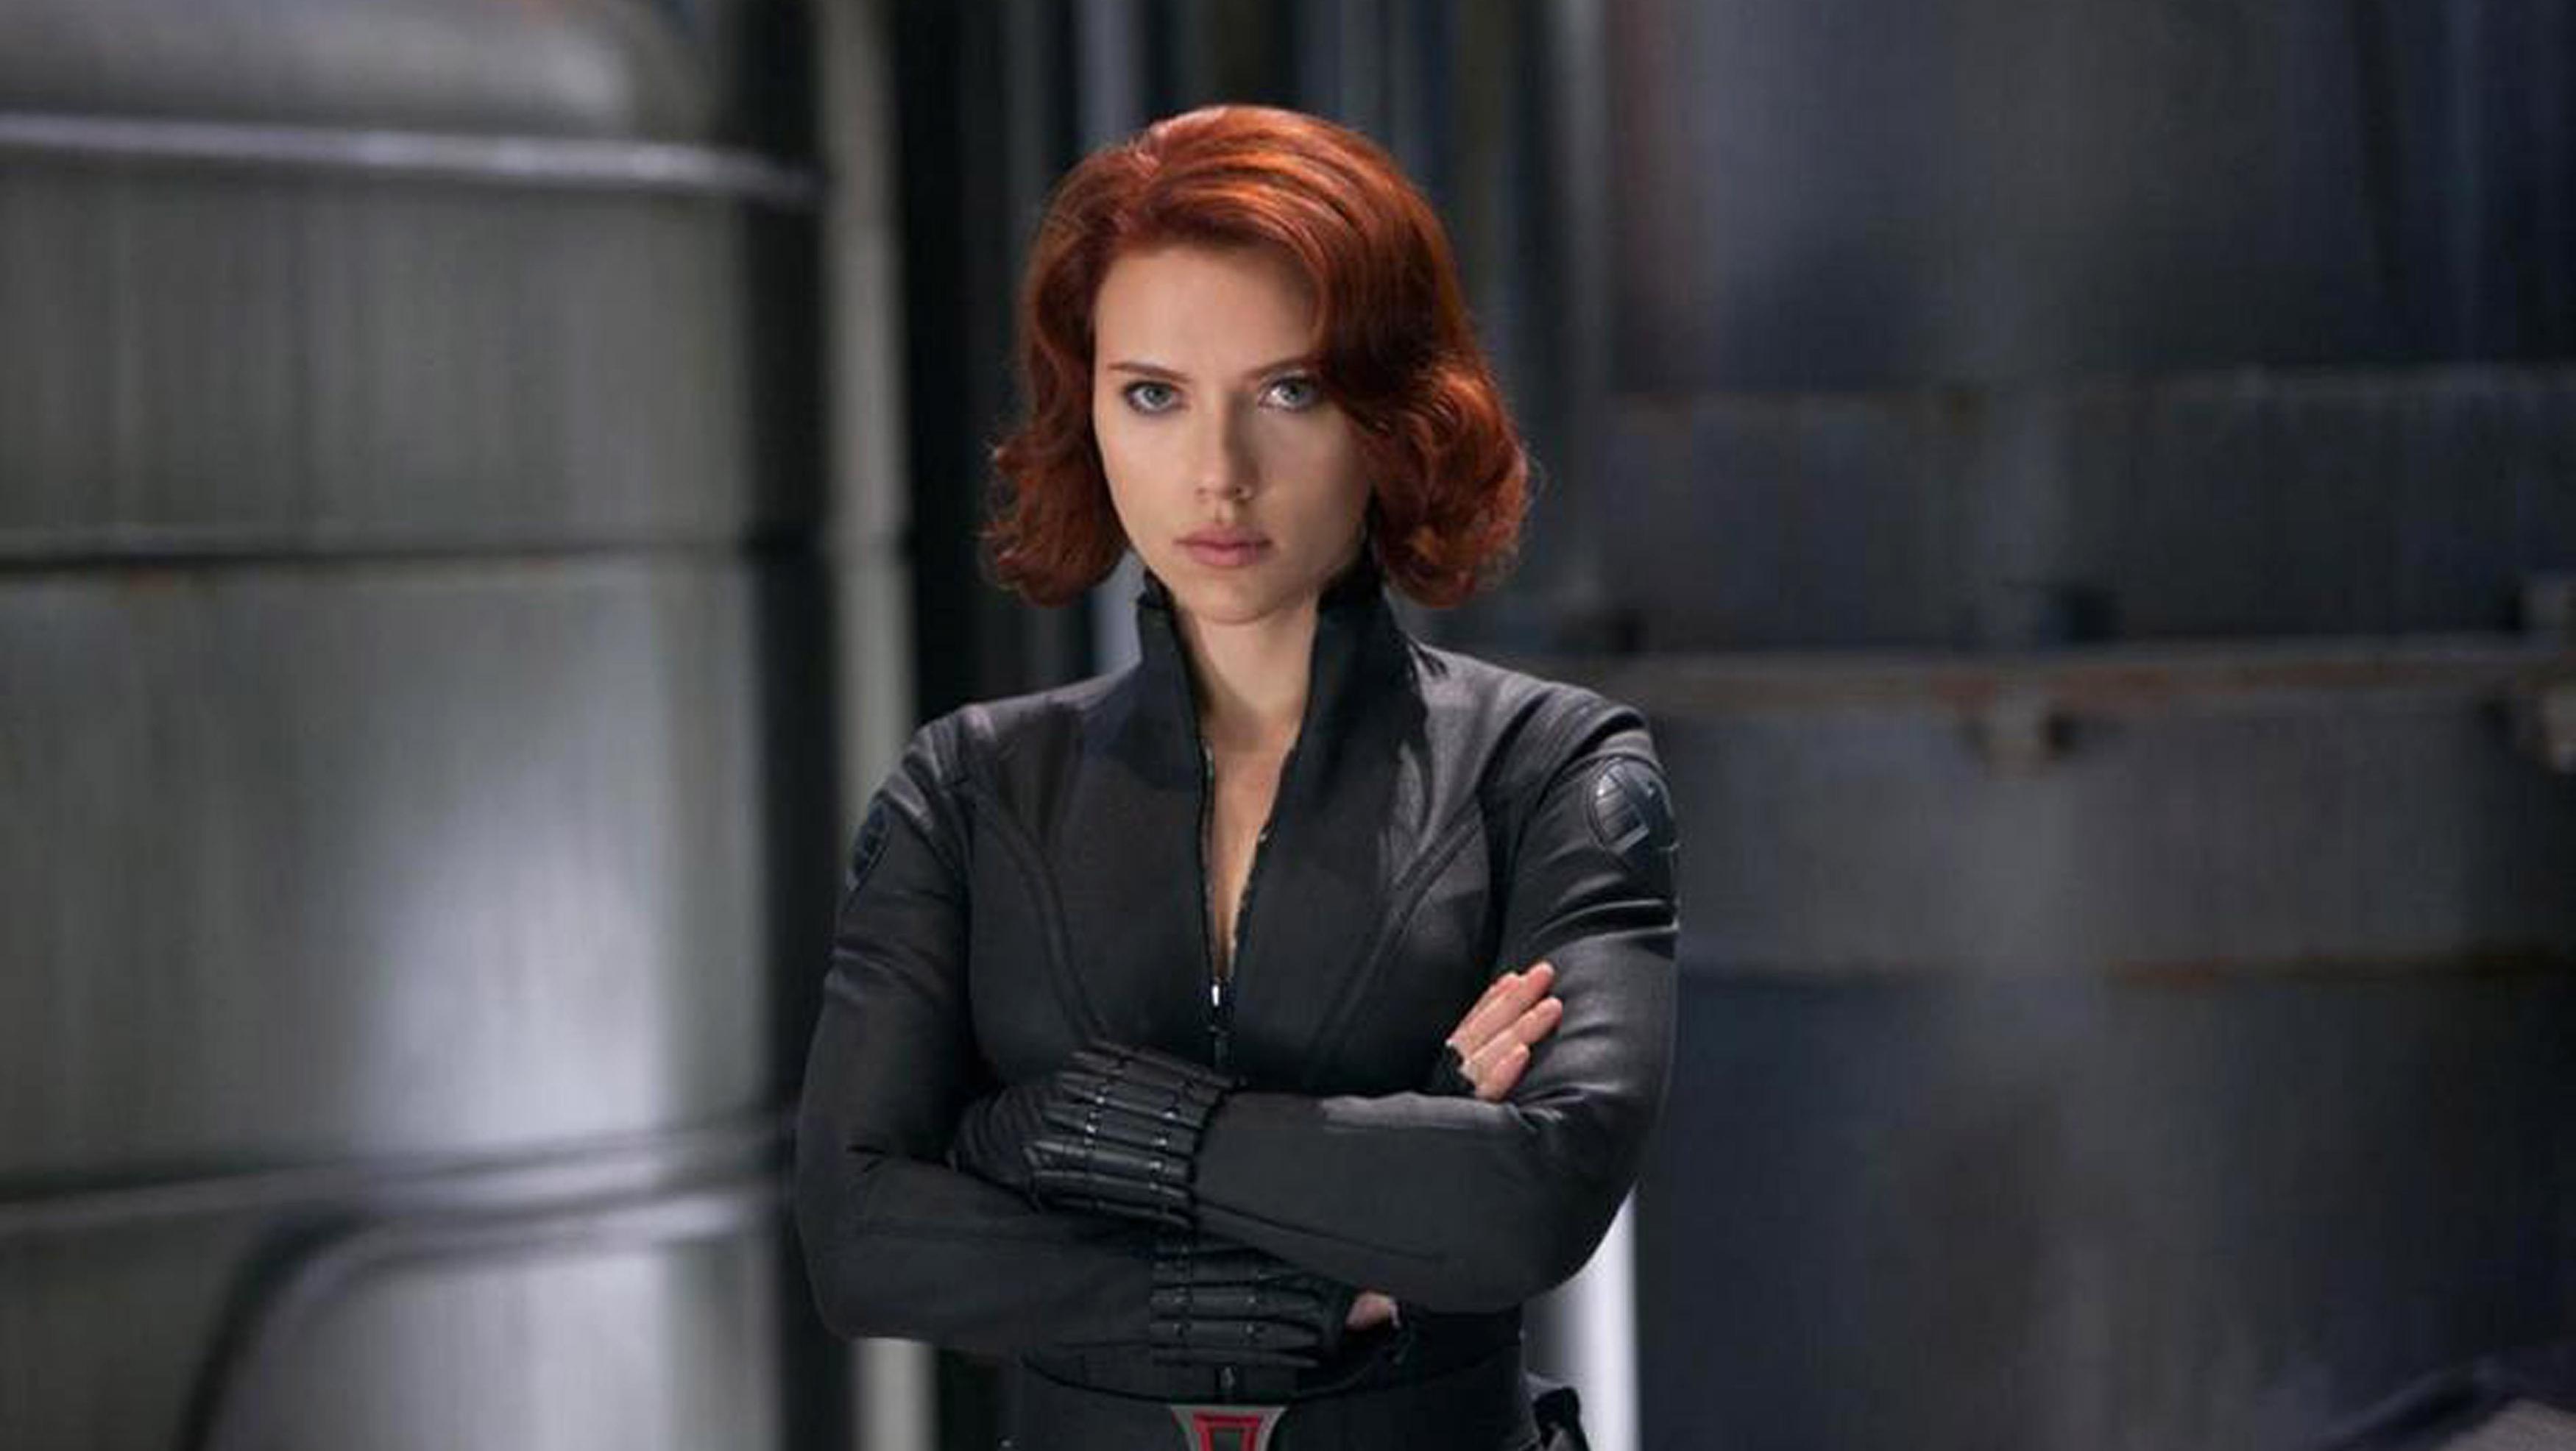 Black Widow Hd Desktop